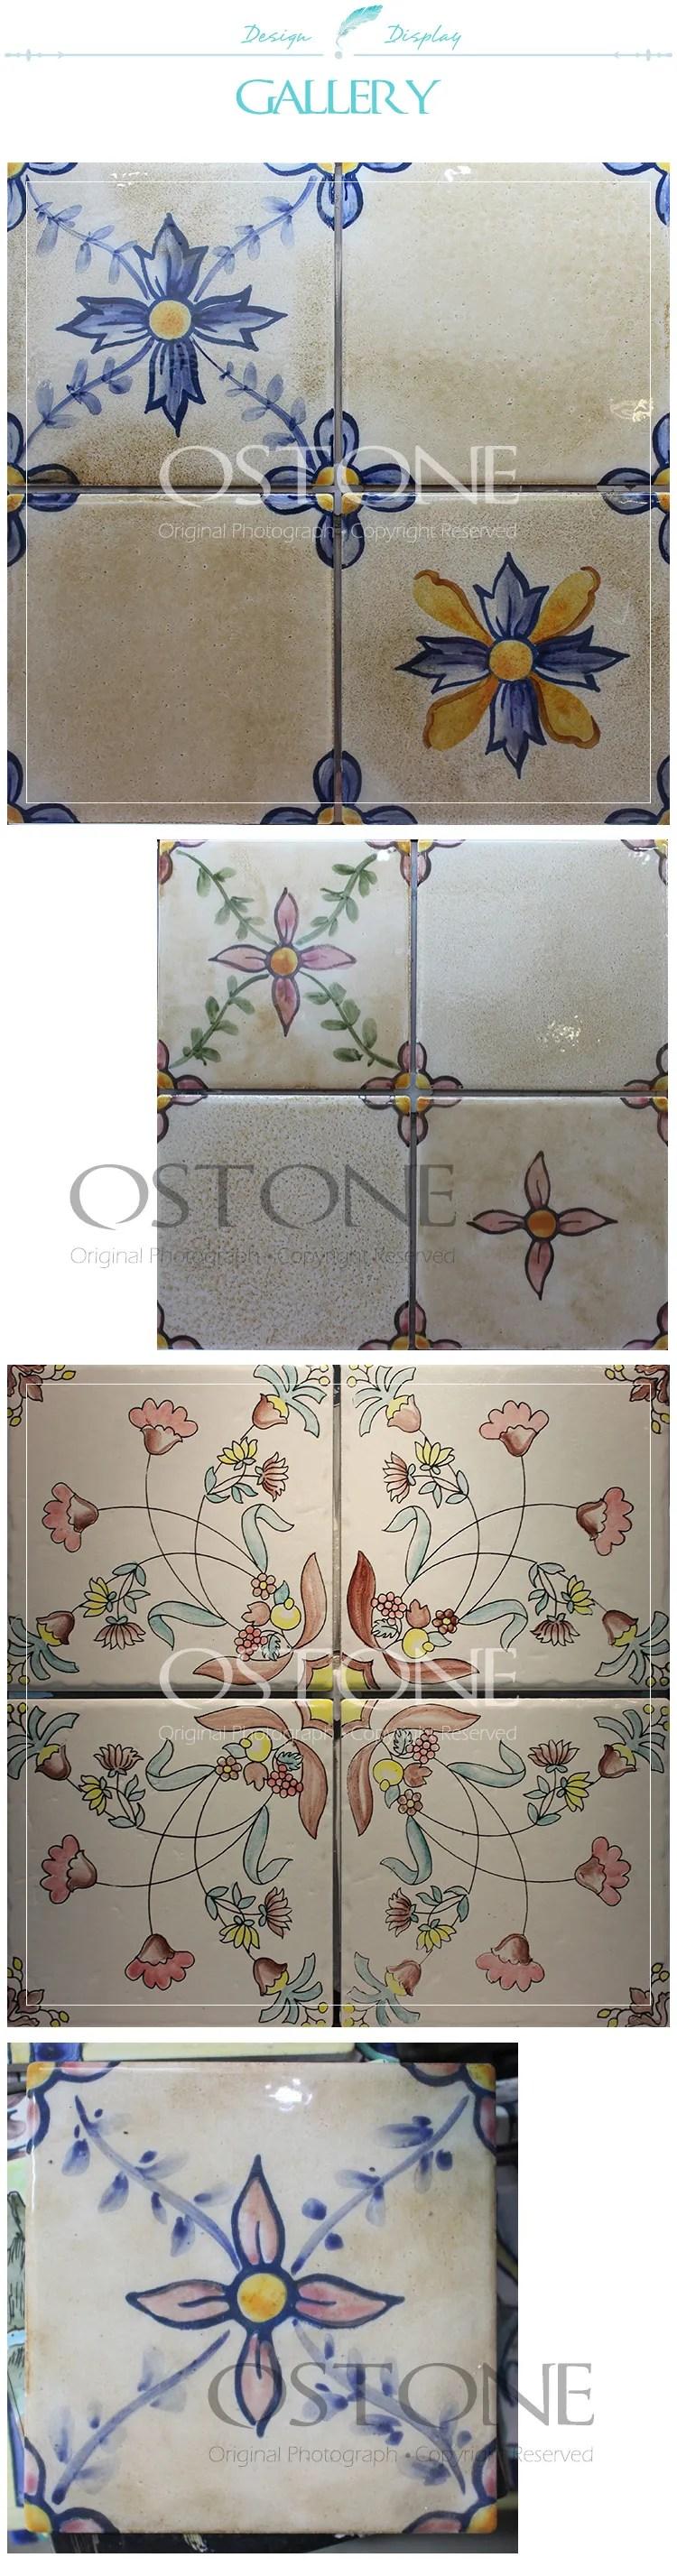 carrelage mural en ceramique pour salle de bains joli motif floral beige prix legers 2018 buy beaux carreaux de ceramique prix des carreaux de salle